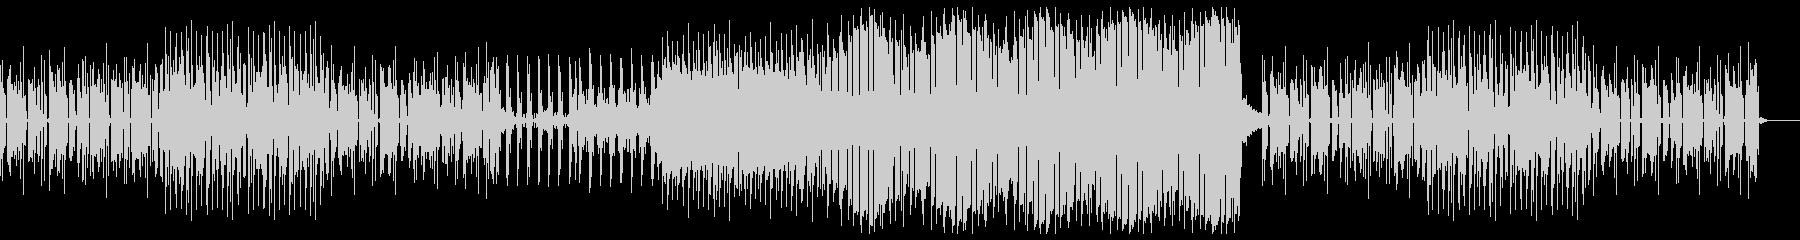 エレクトロ・ダウンテンポ・トラップの未再生の波形